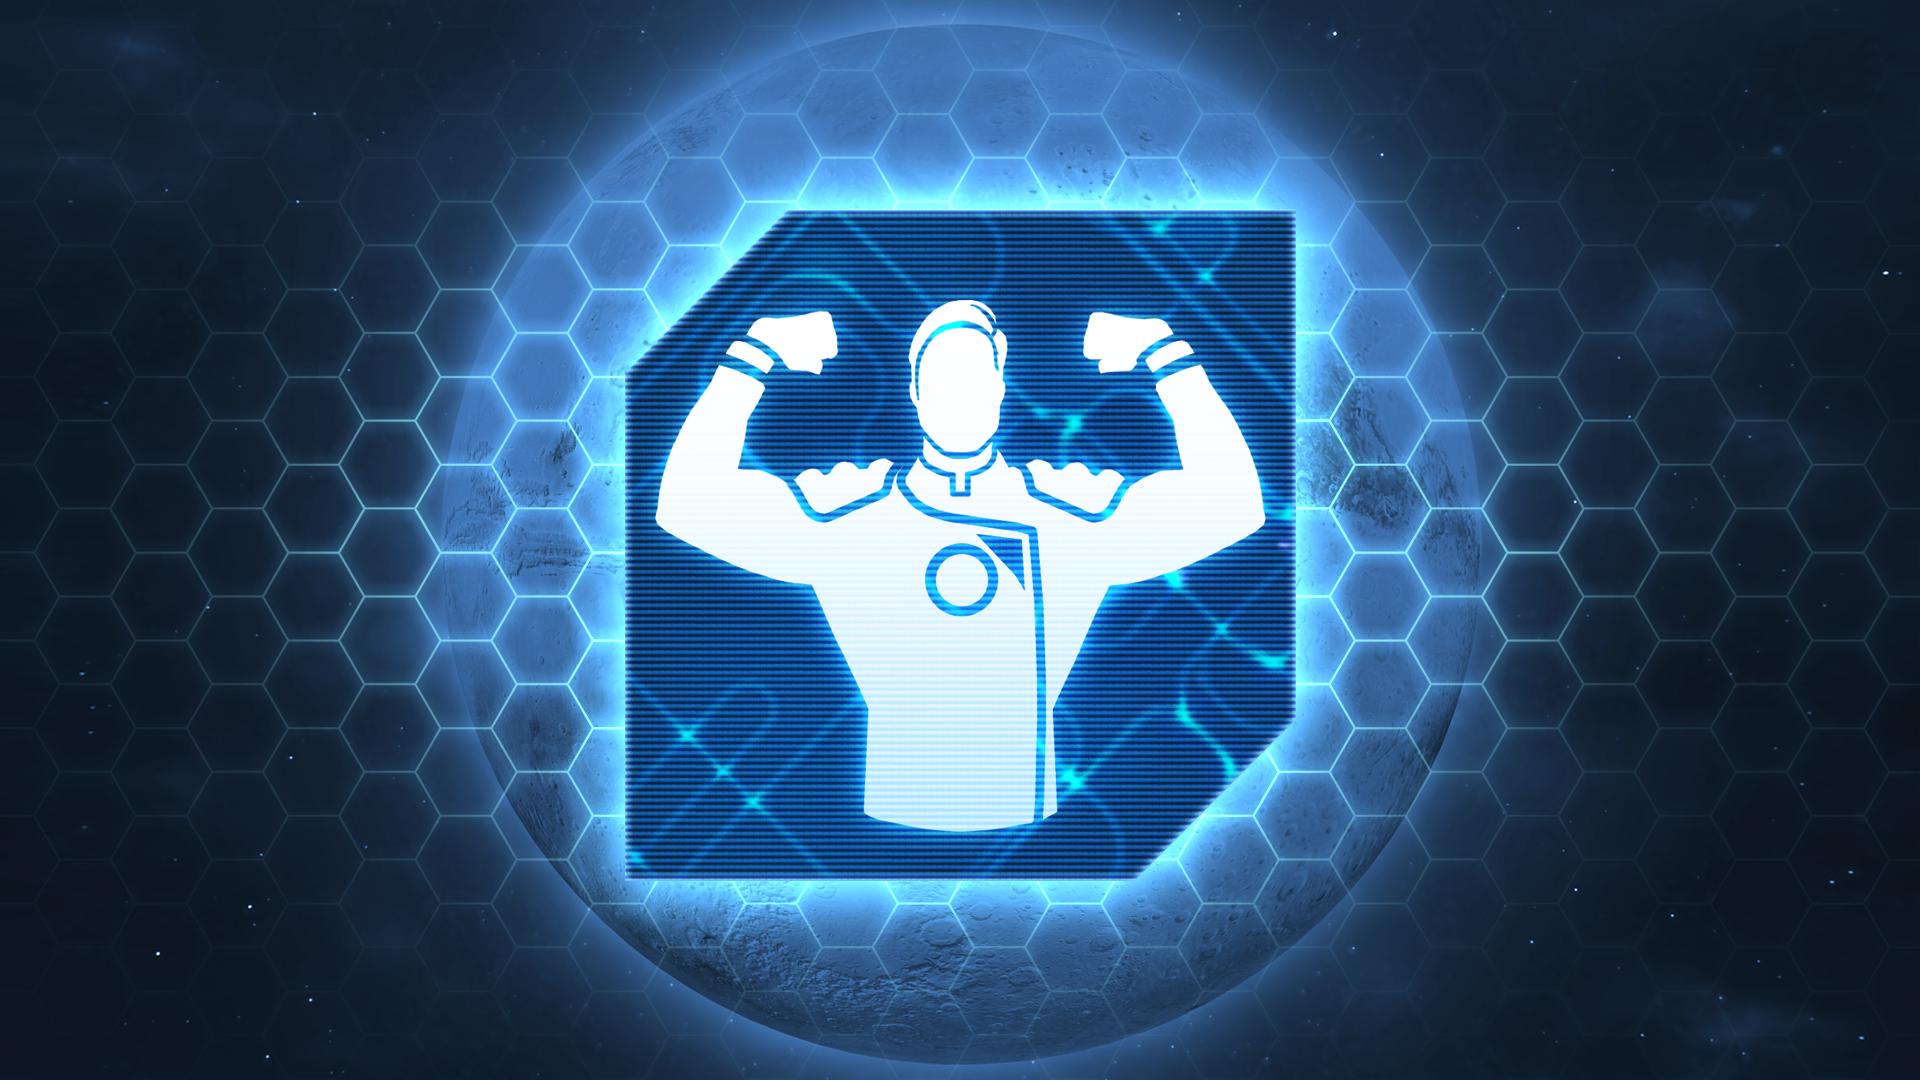 Icon for Detox